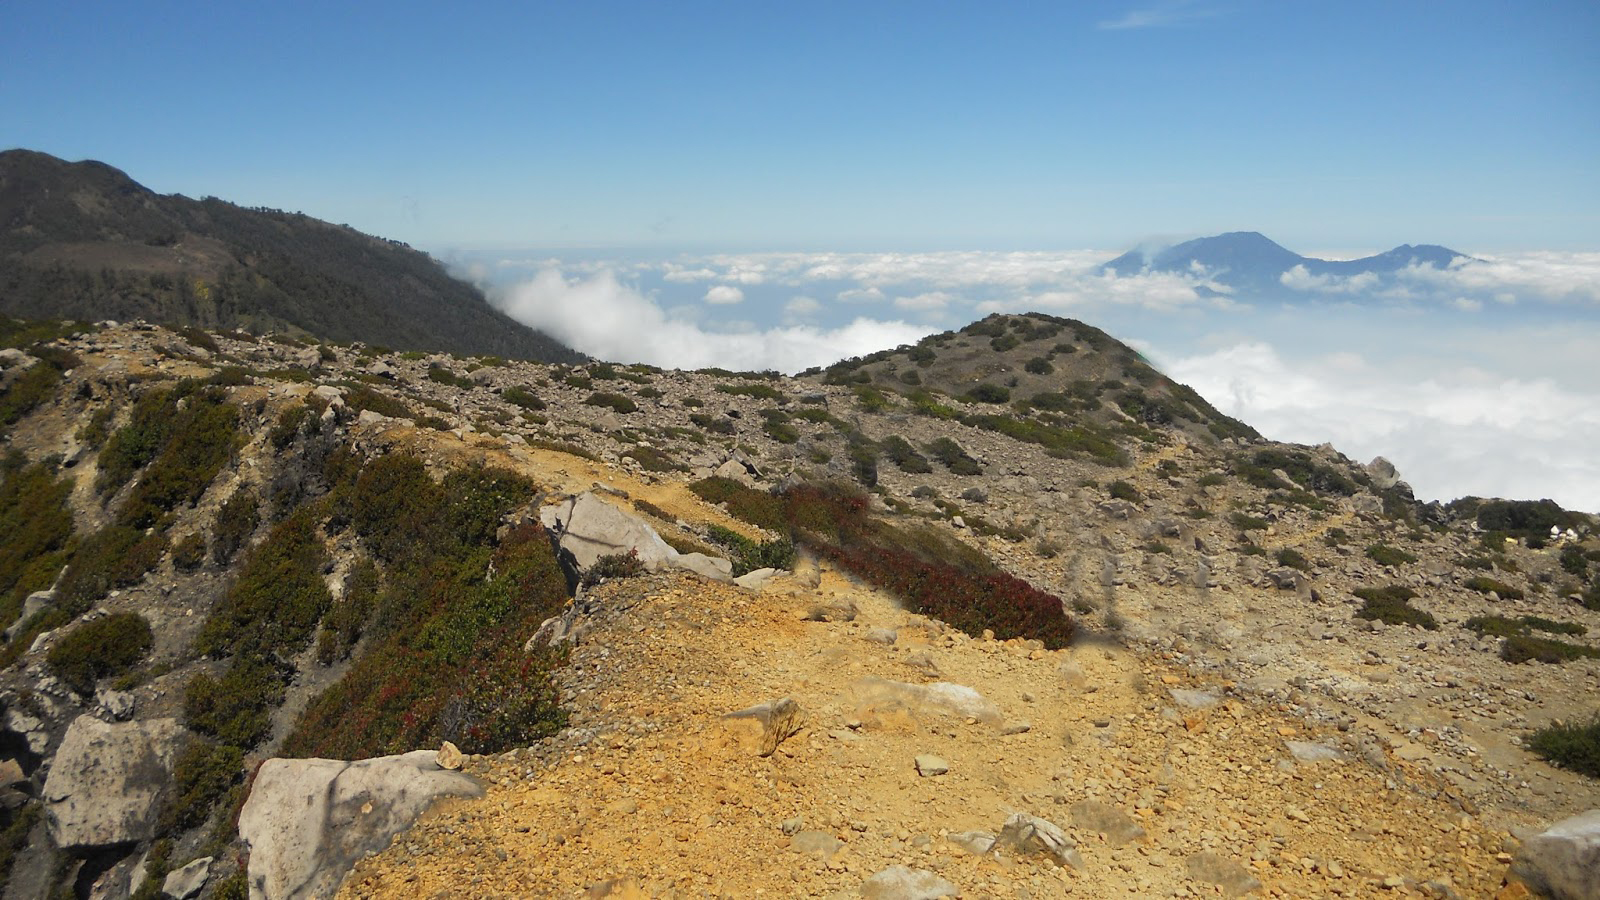 Puncak Gunung Welirang tertinggi di pulau Jawa